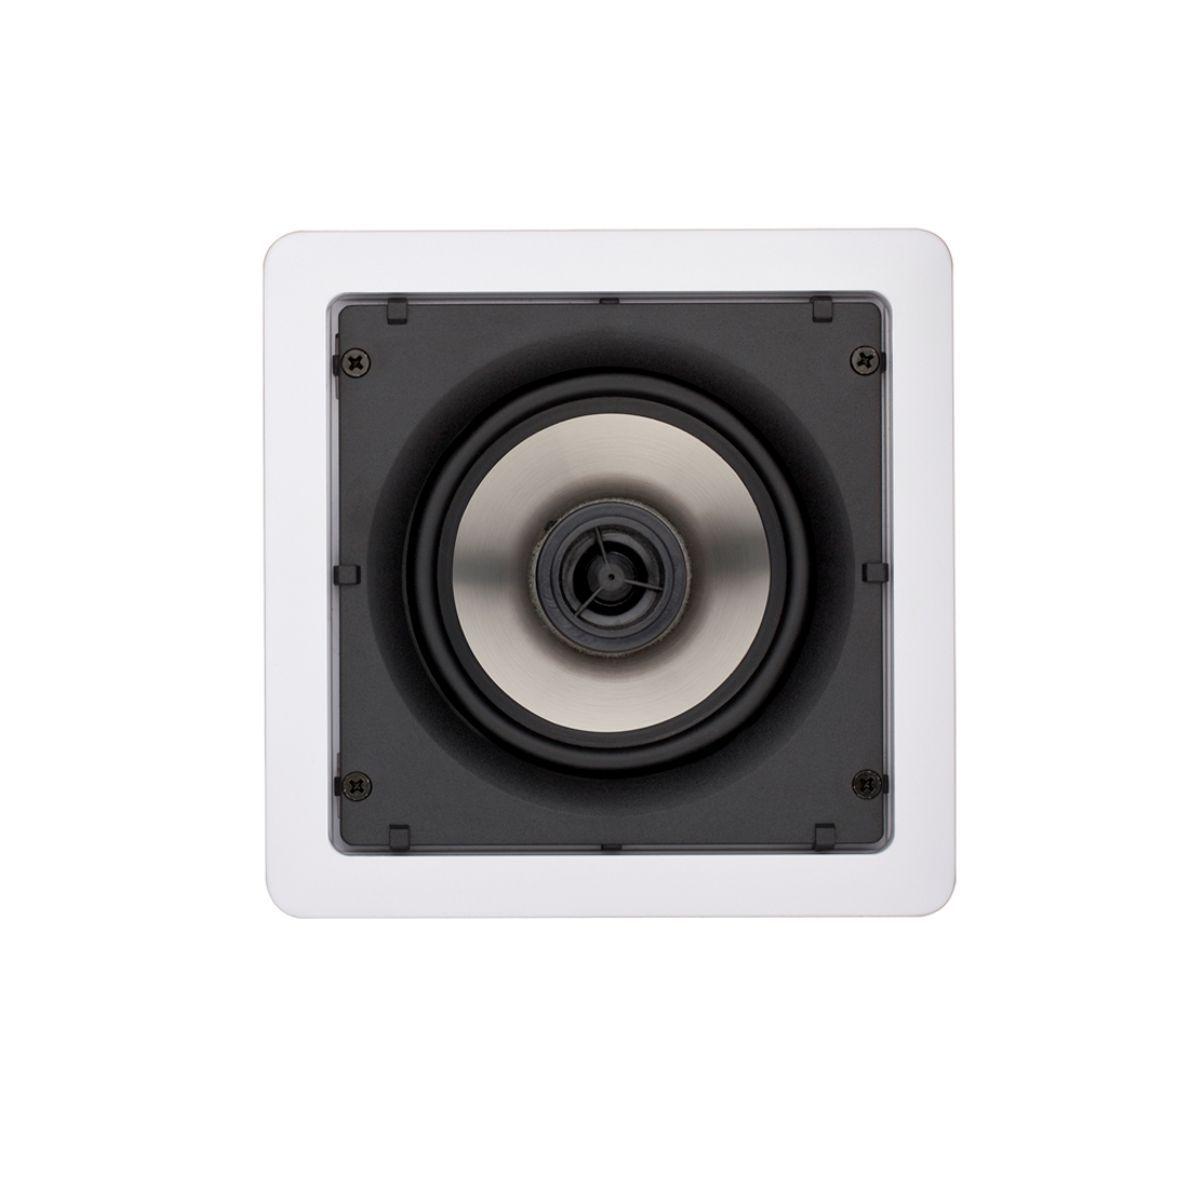 Kit Som Ambiente Multiroom 2 Zonas APL-450 + 4 Caixas de Embutir SQ5-50 Loud